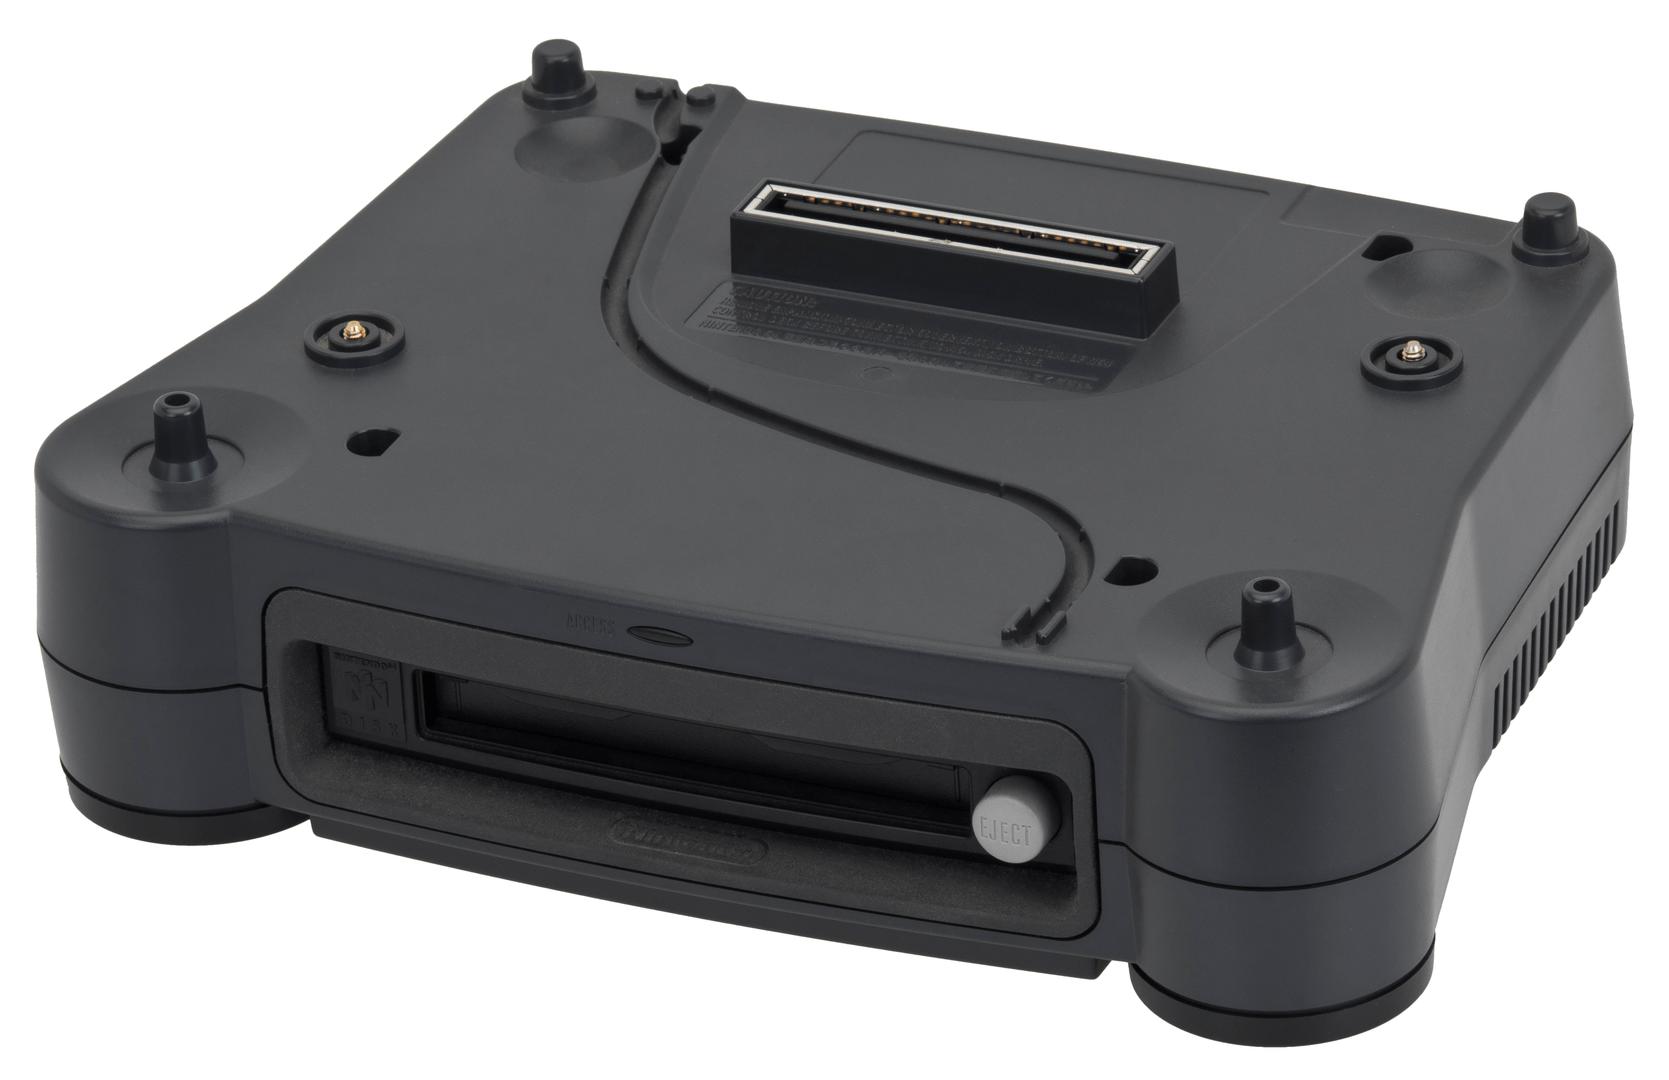 64DD-Erweiterung für den Nintendo 64